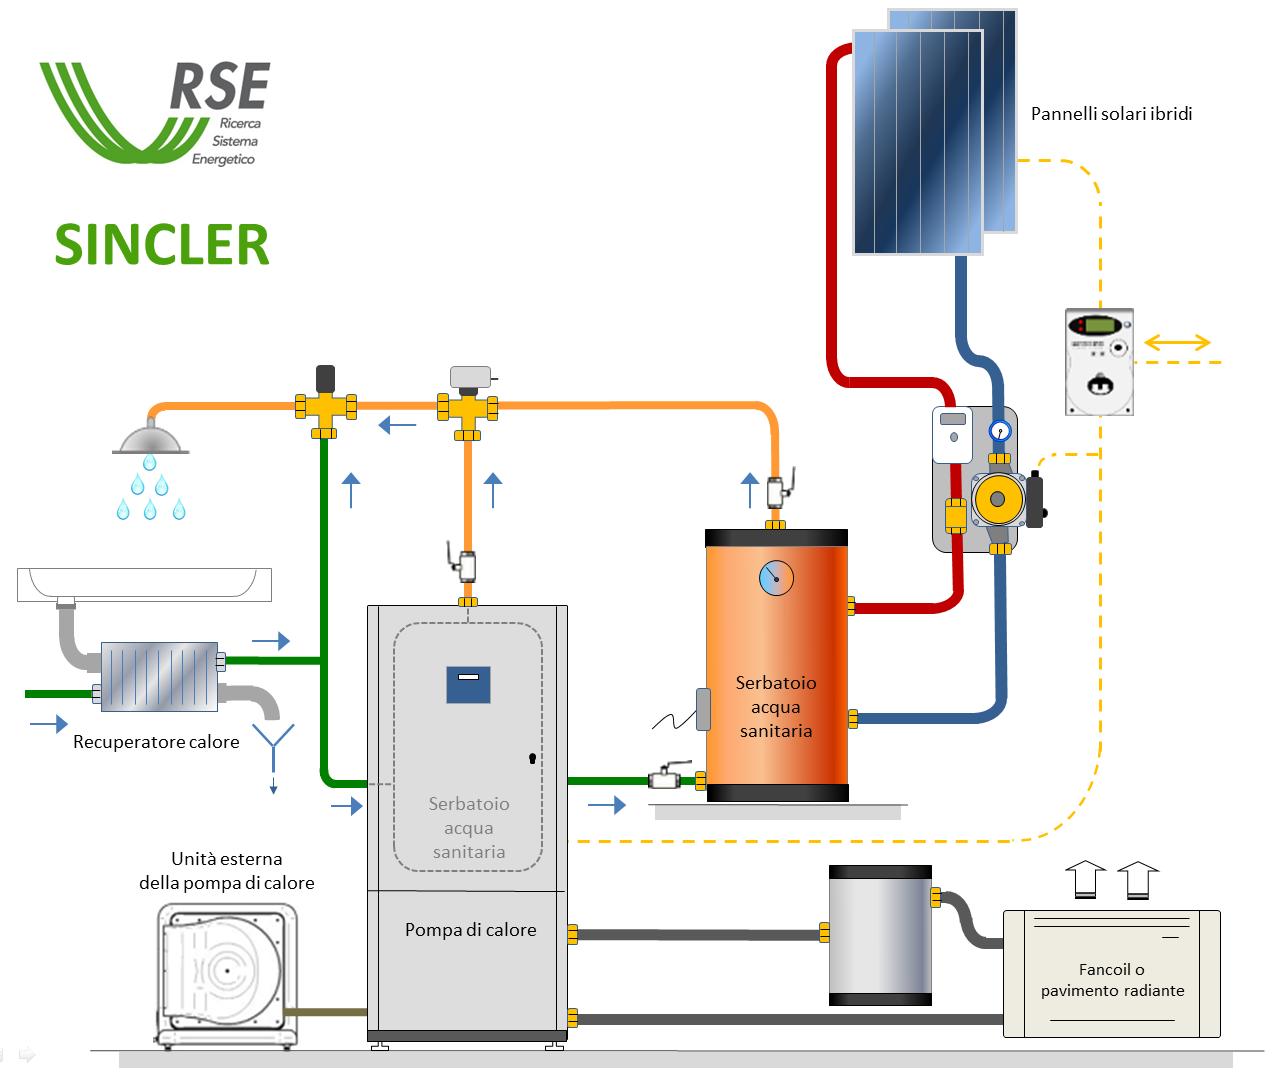 Sistema Integrato di Climatizzazione Efficiente e Rinnovabile (SINCLER) di RSE